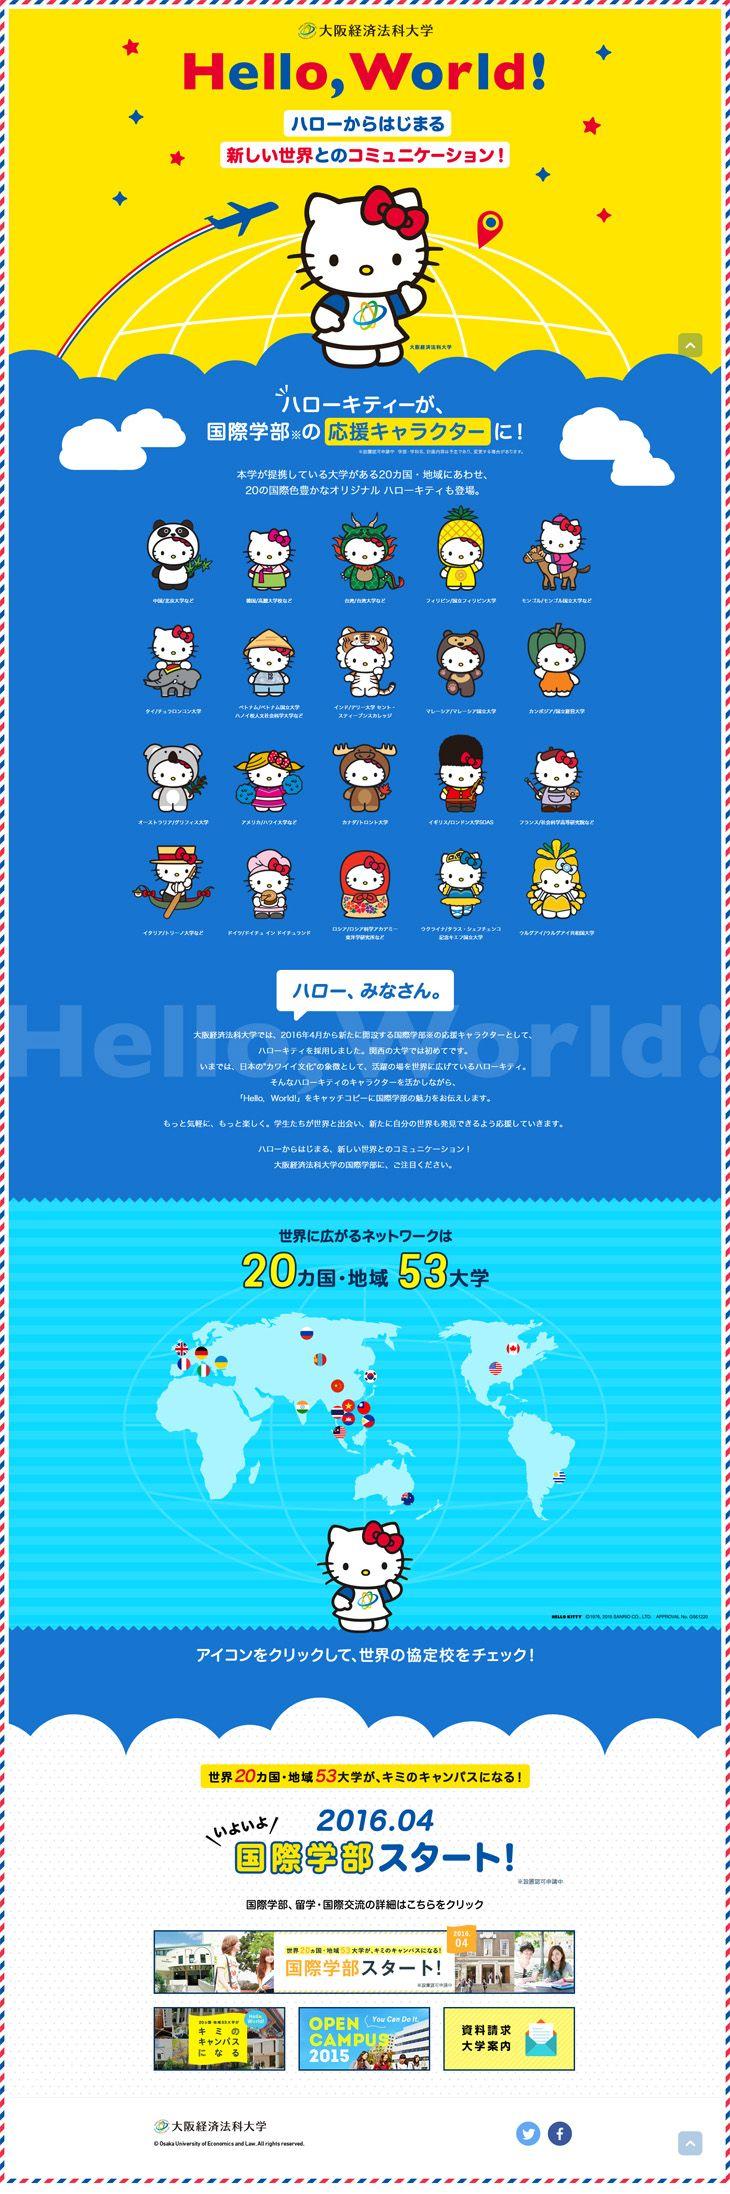 Hello! World!